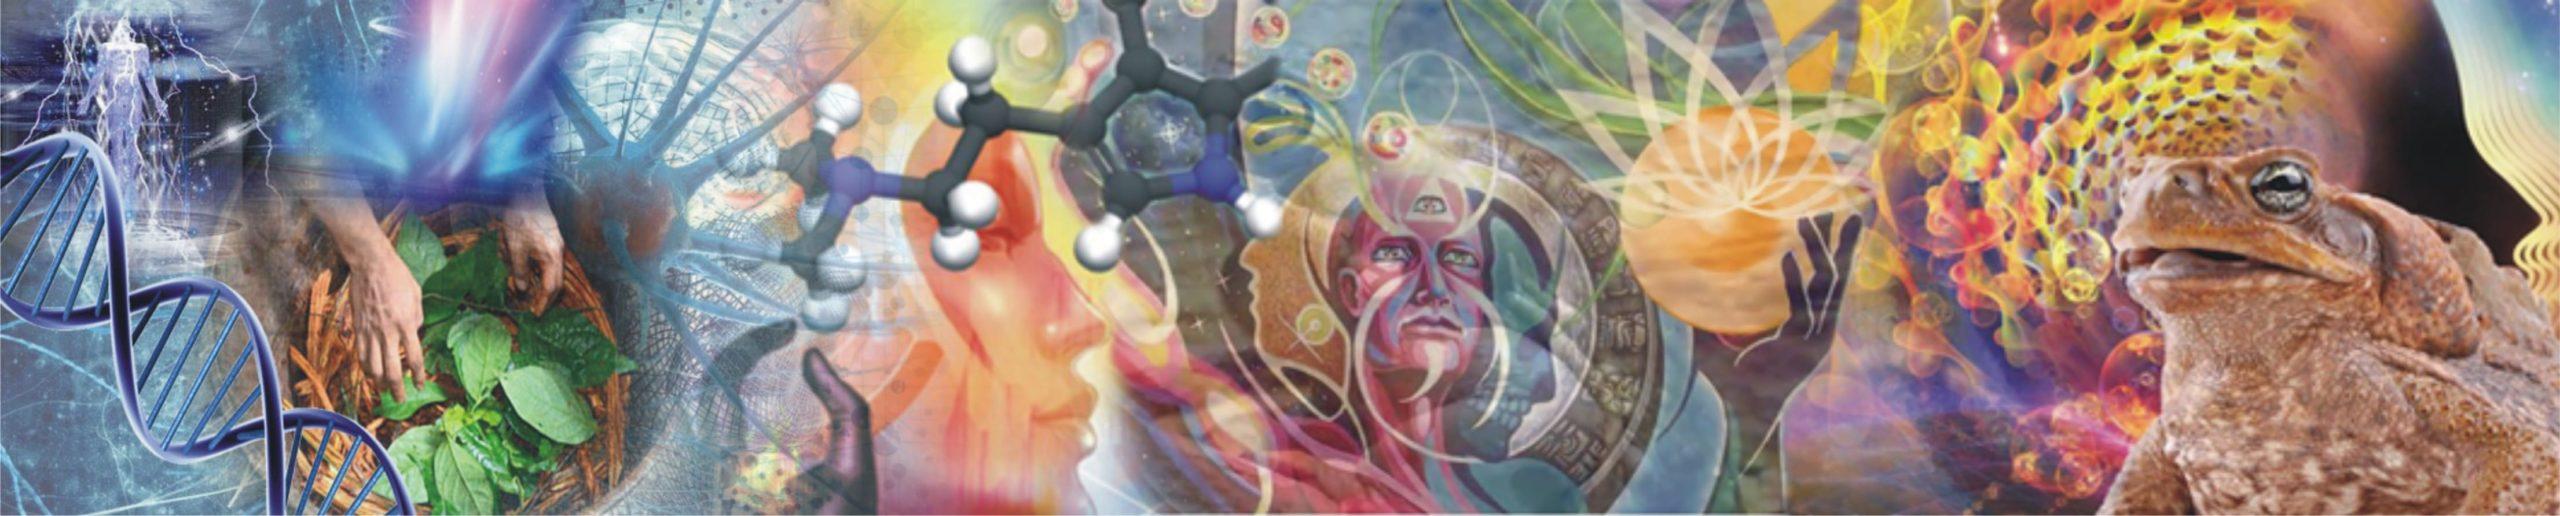 ayahuasca-y-bufo-ilustracion-de-portada-landing